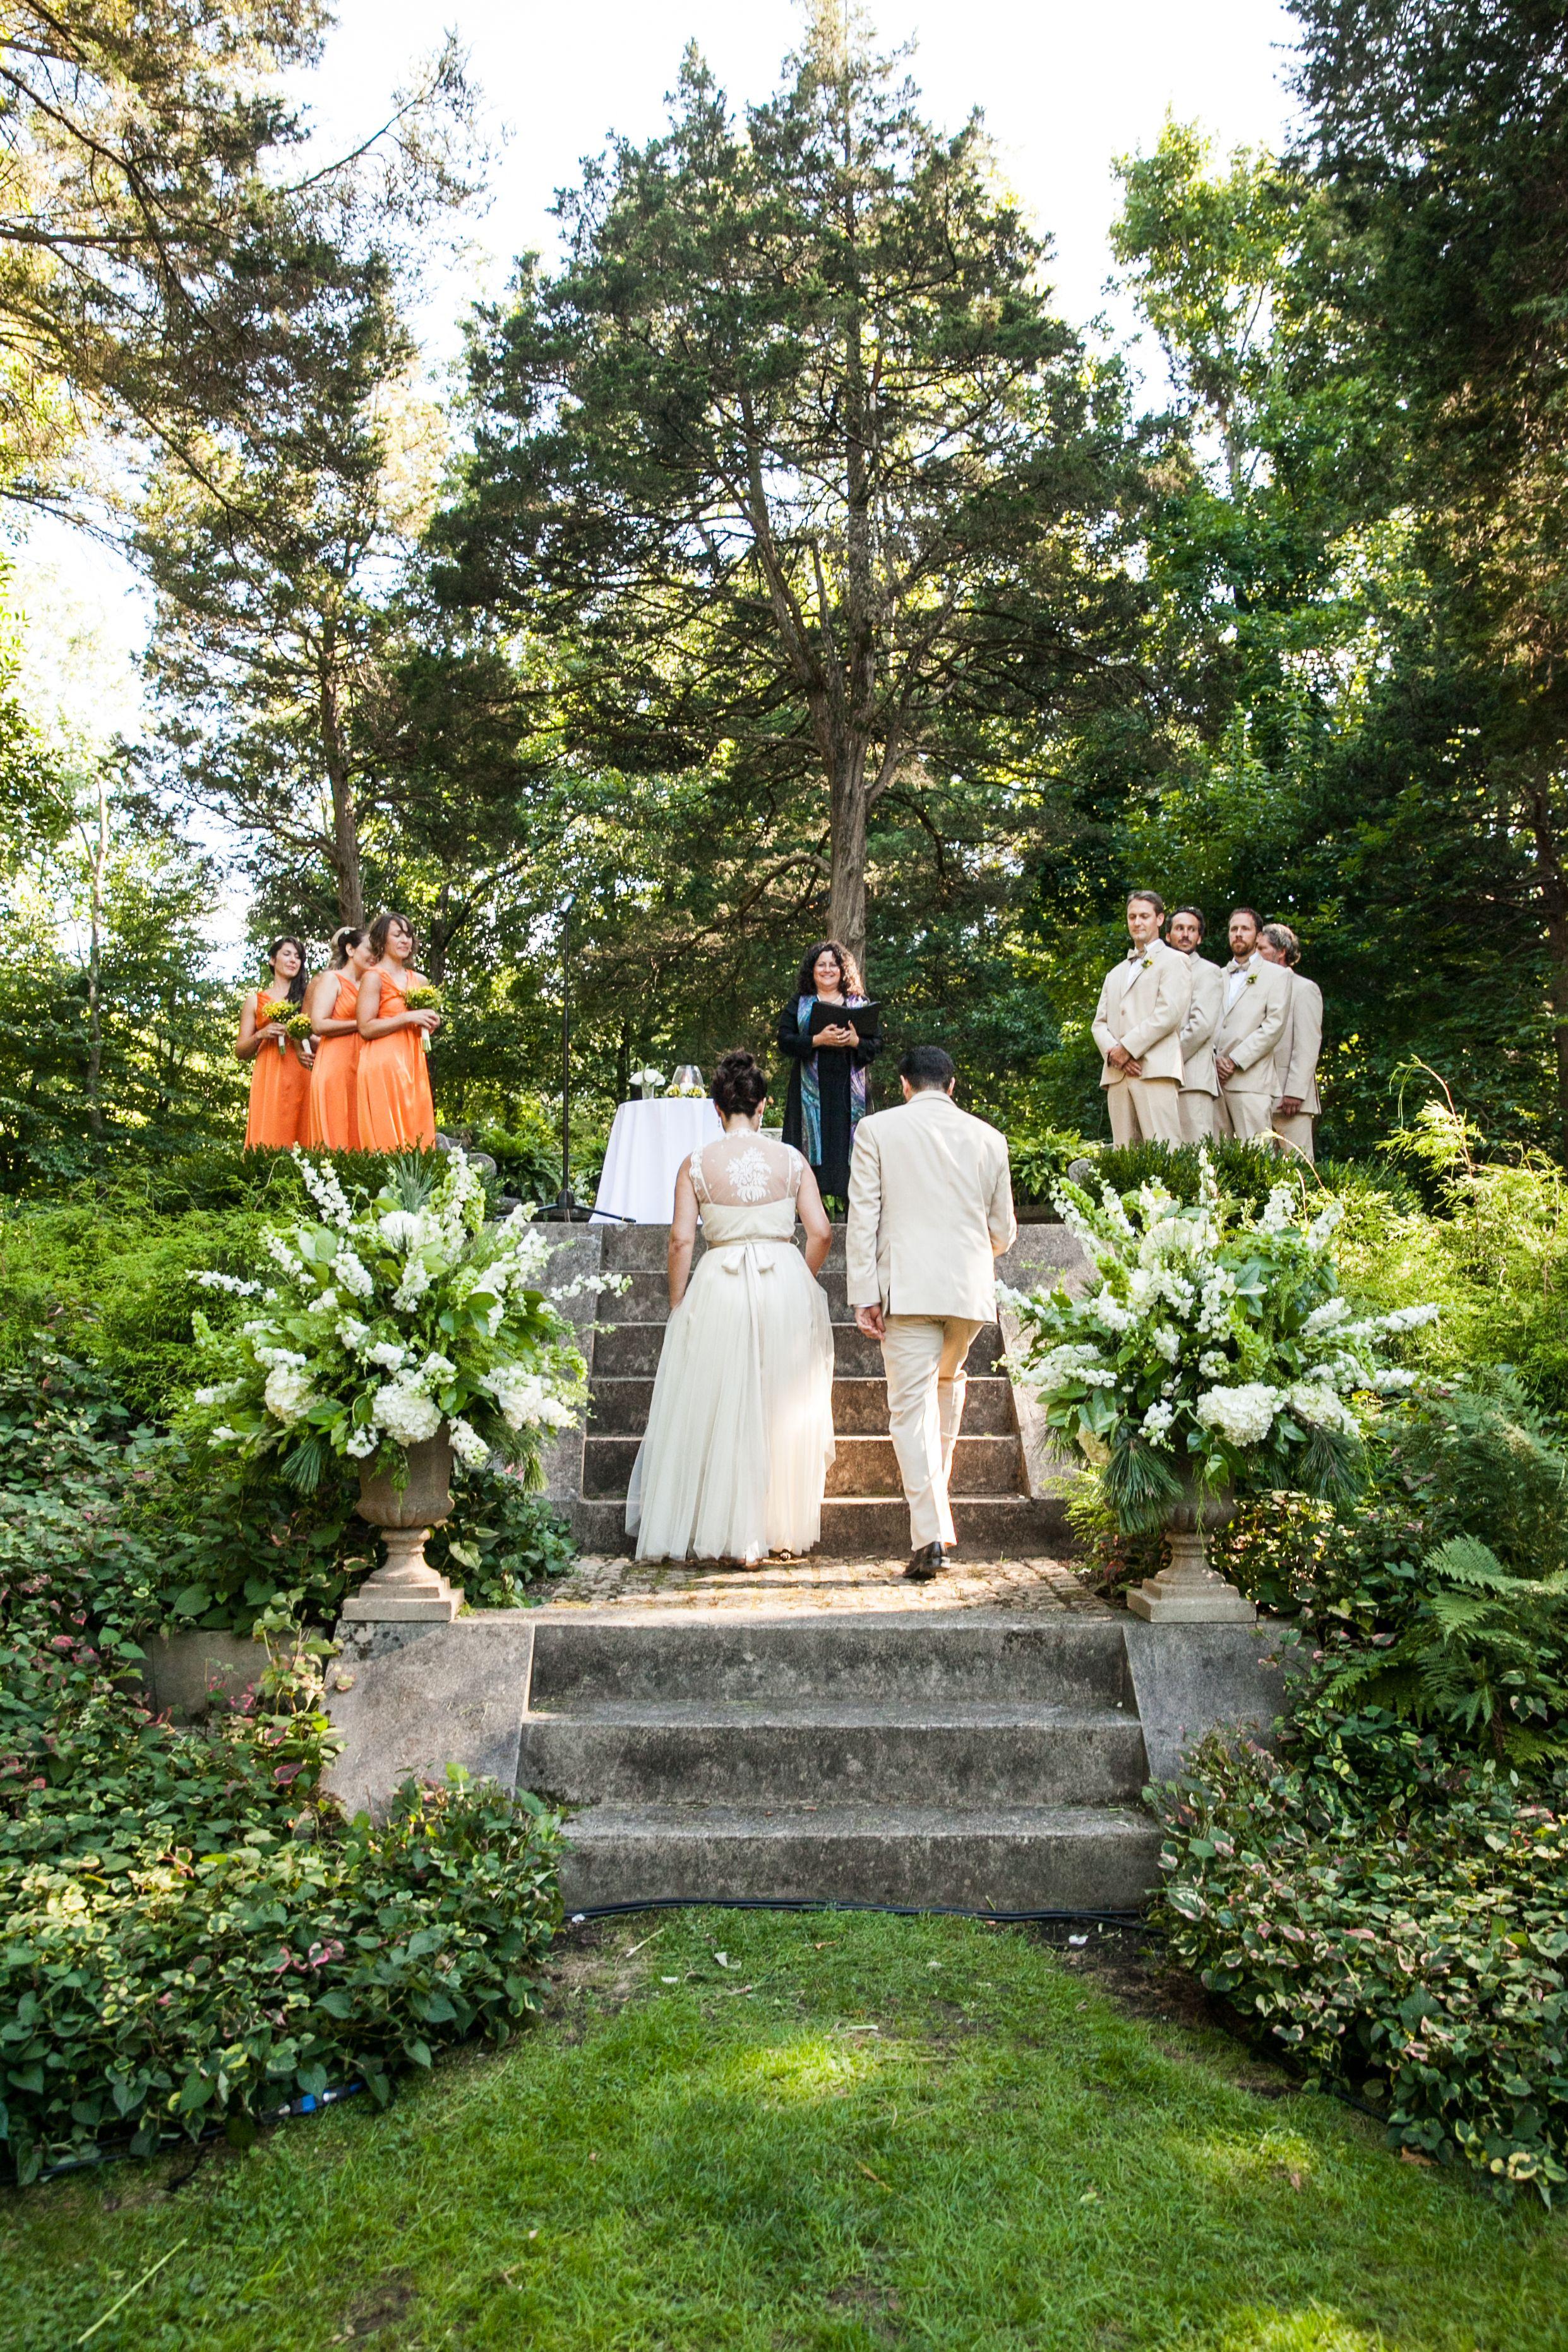 Outdoor ceremony in the sunken gardens. wedding